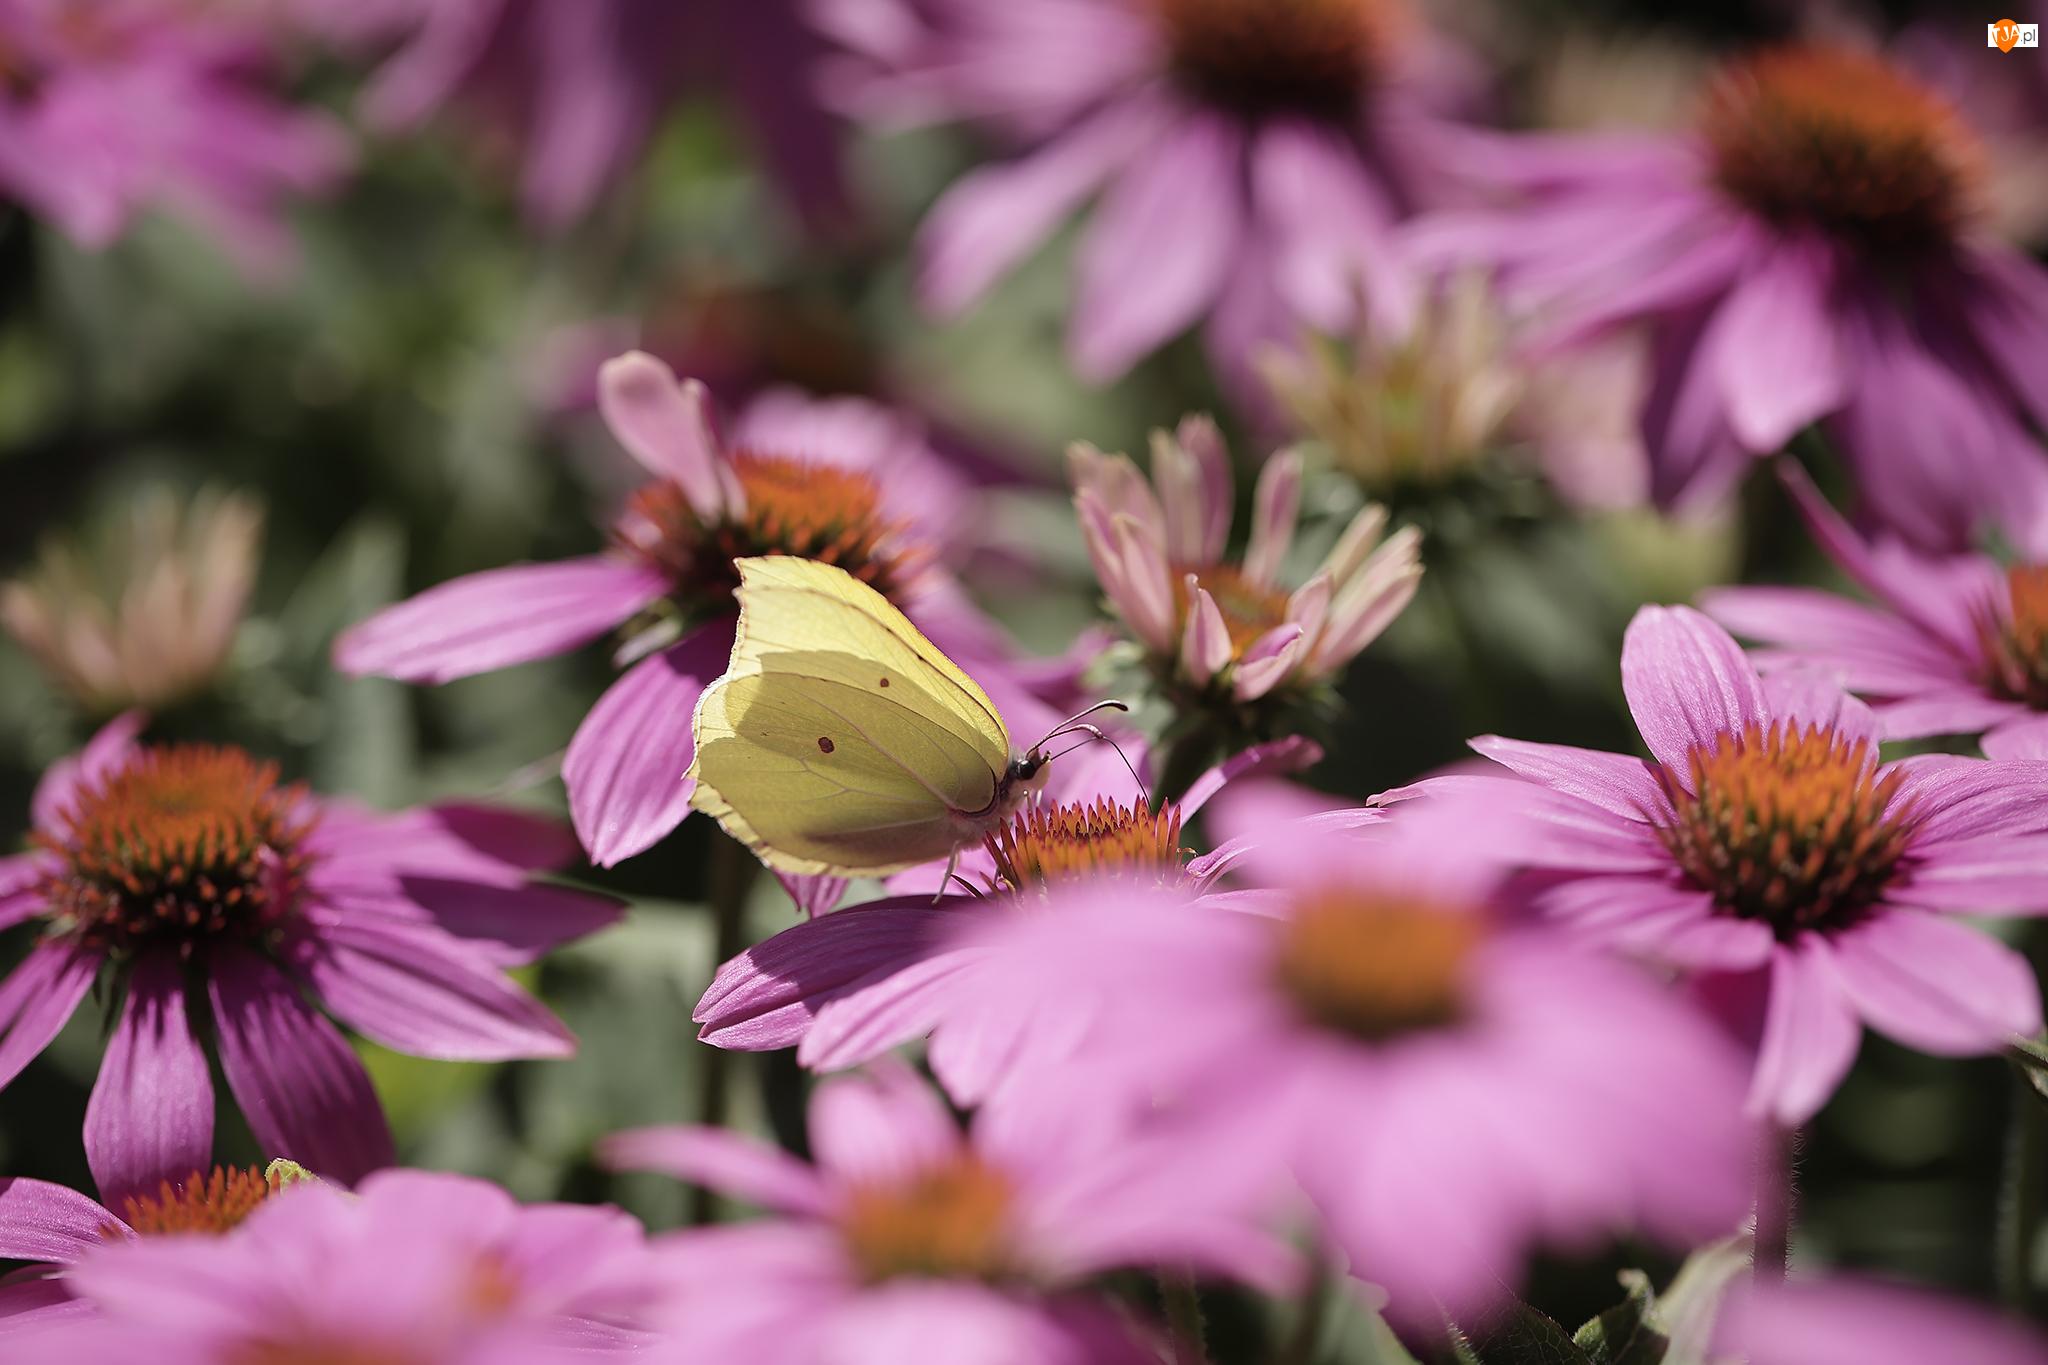 Jeżówki, Motyl, Latolistek cytrynek, Różowe